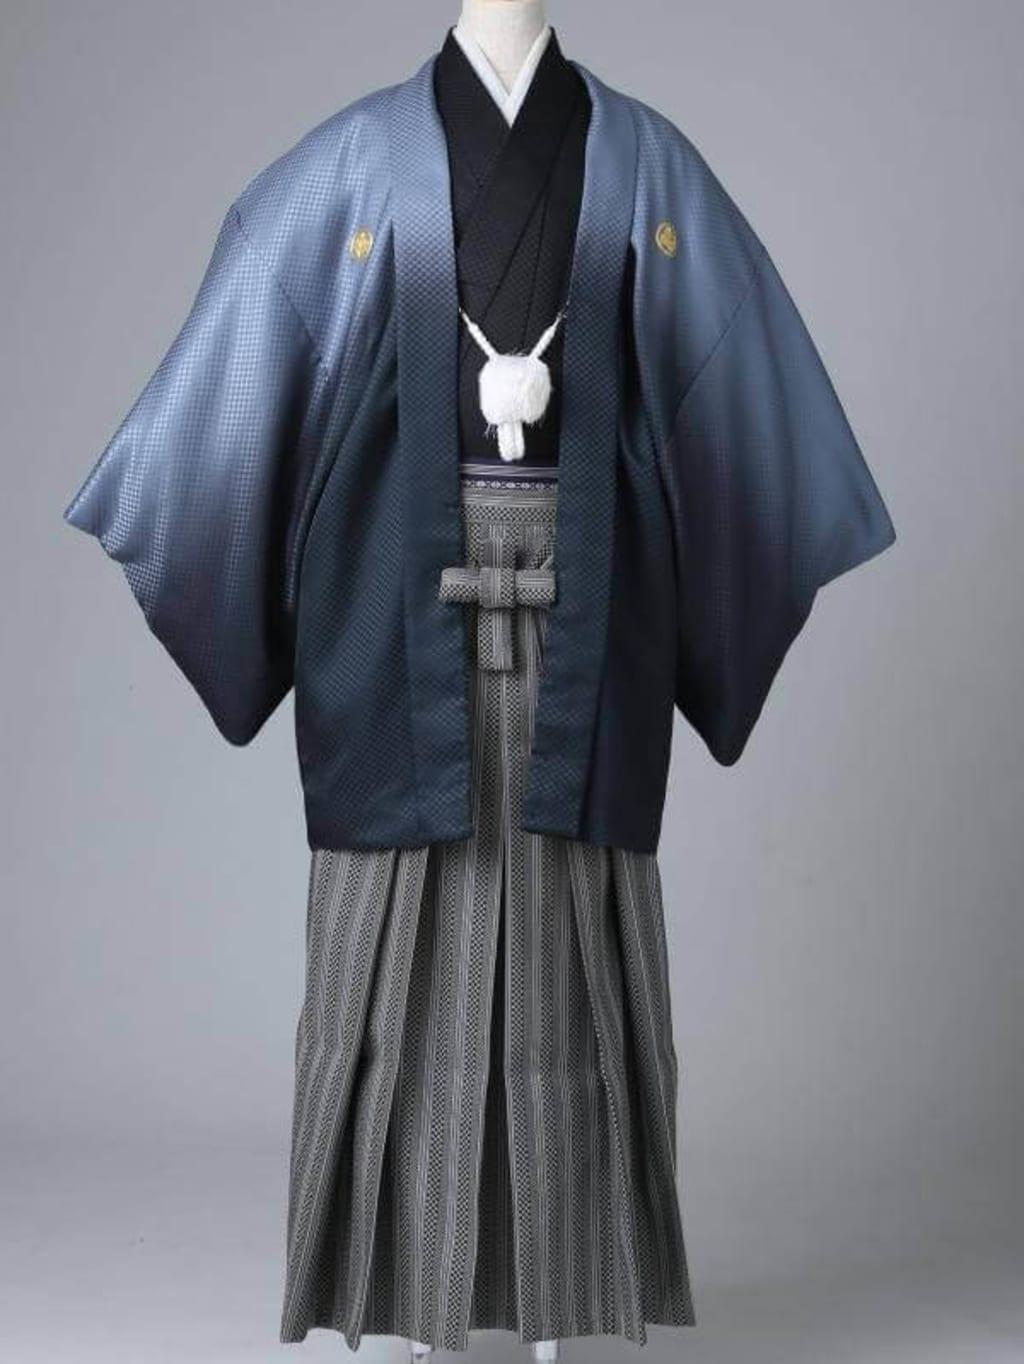 シルバーグラデーション紋服 格子柄袴_横浜店